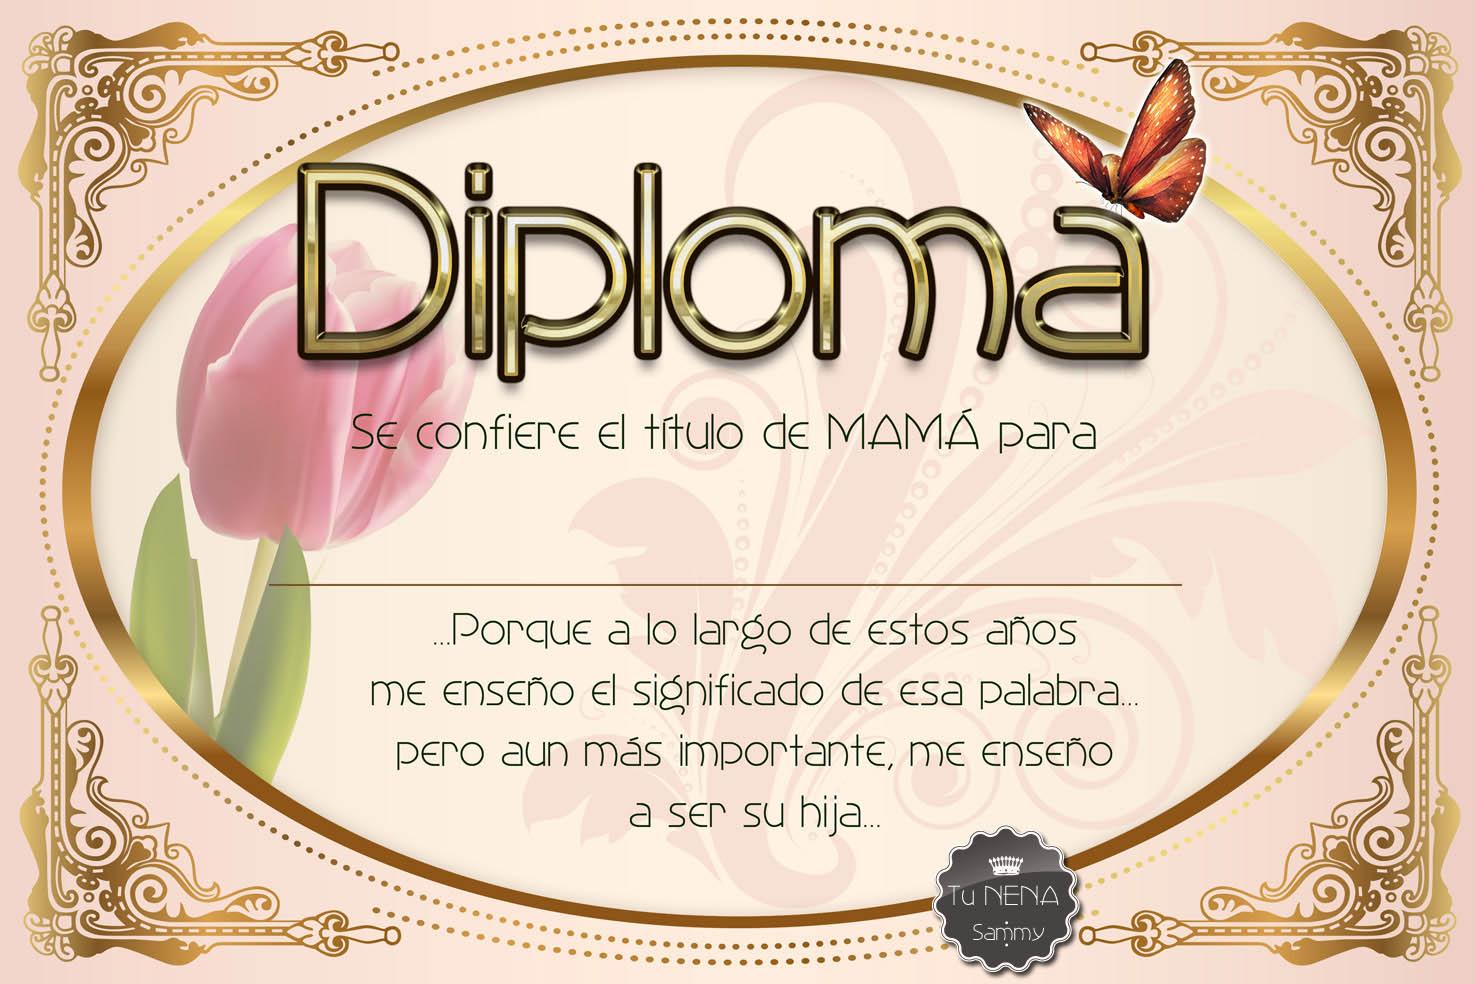 Diploma para mi mamá